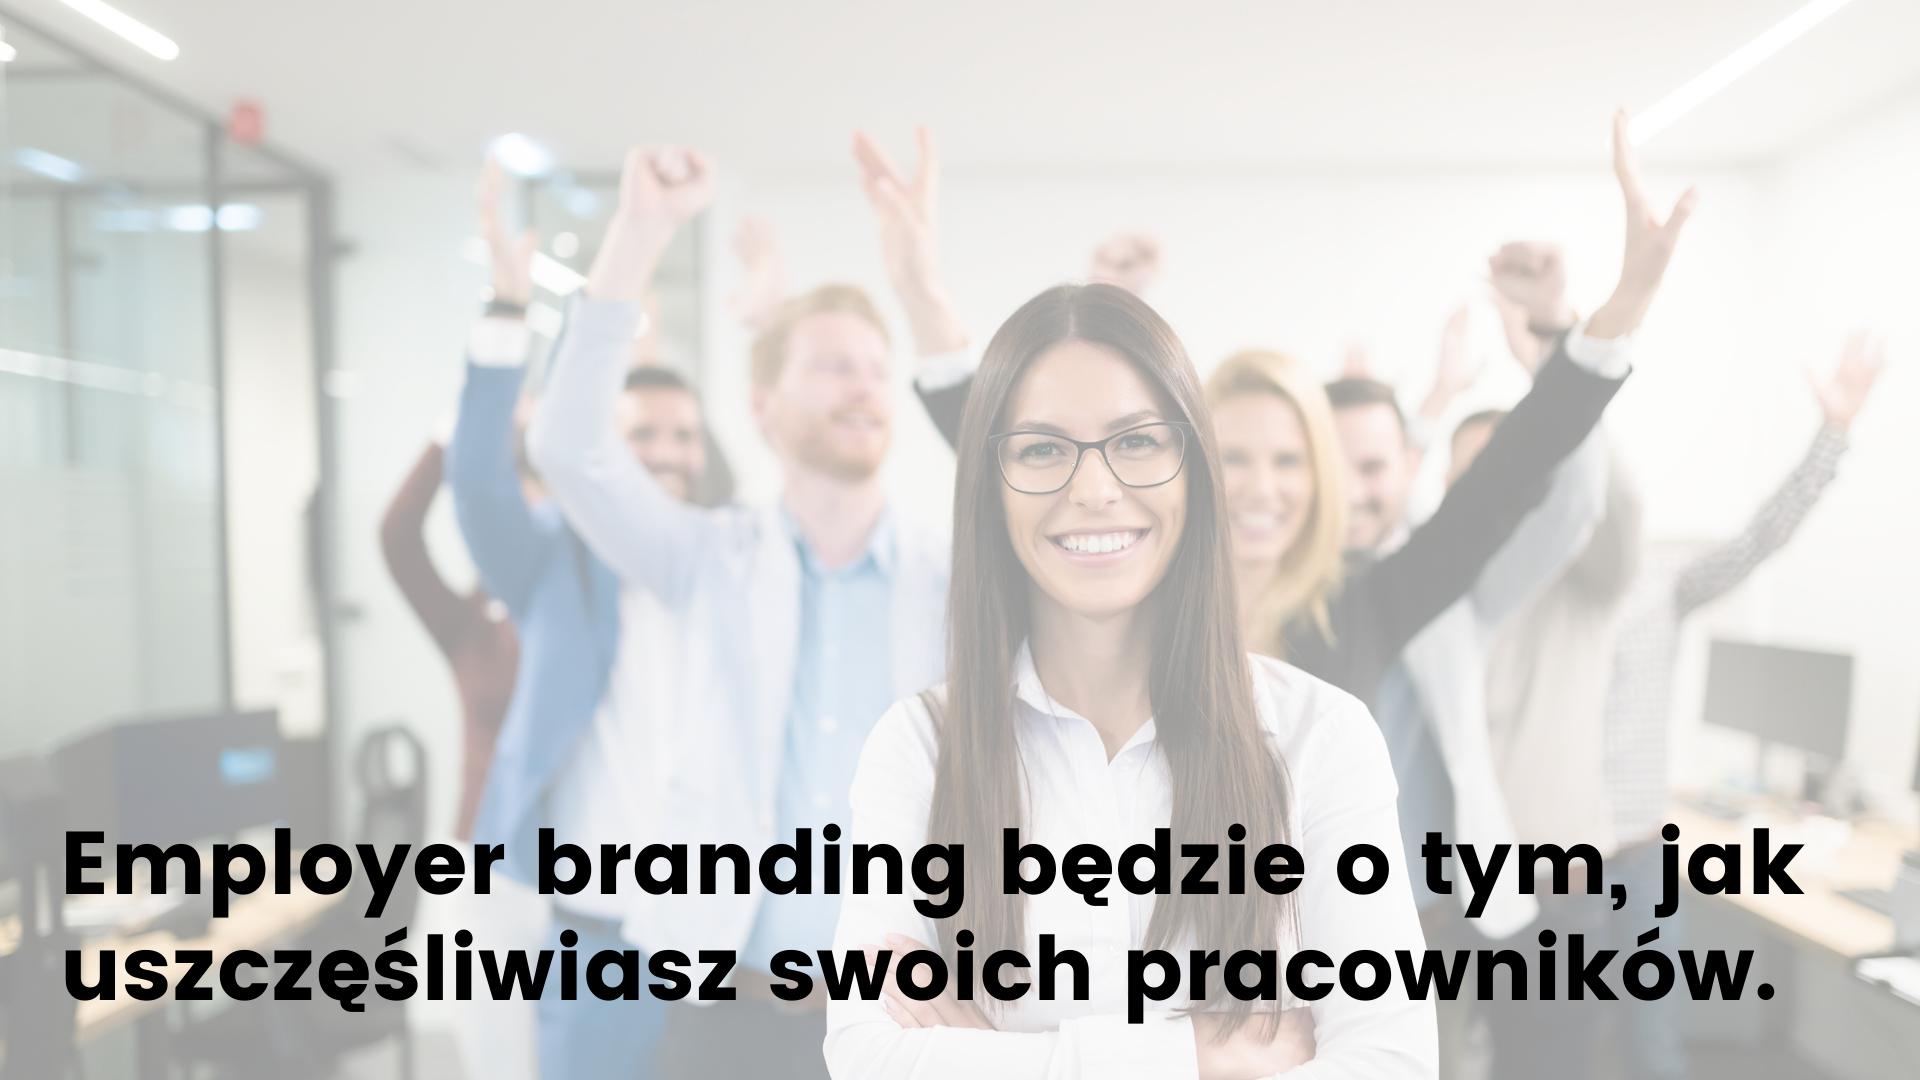 Employer branding będzie o tym, jak uszczęśliwiasz swoich pracowników